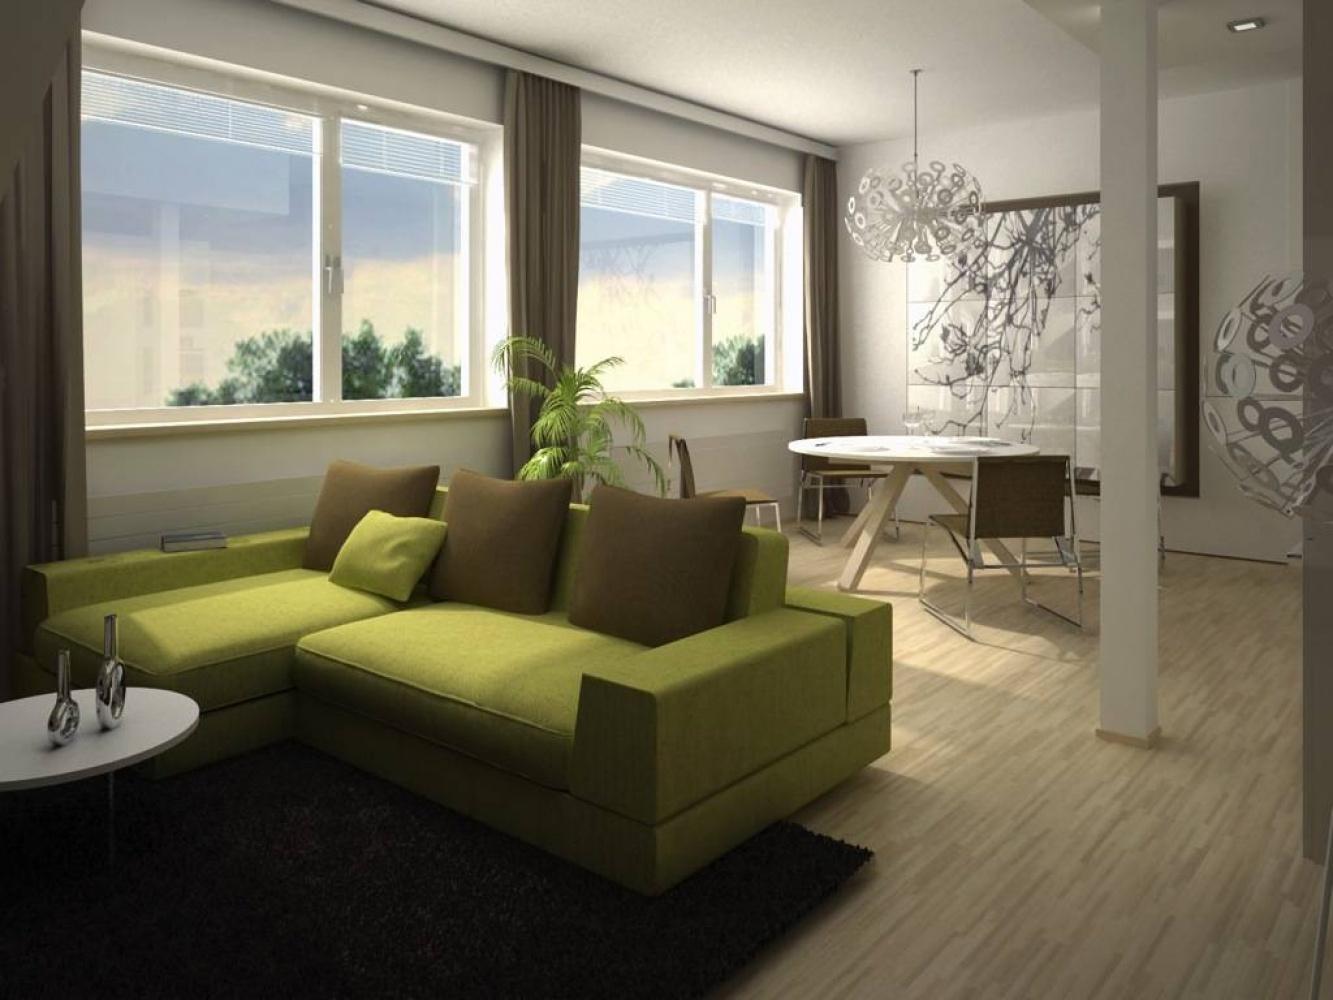 Půdní byt 2+kk, plocha 39 m², ulice U Vody, Praha 7 - Holešovice   1